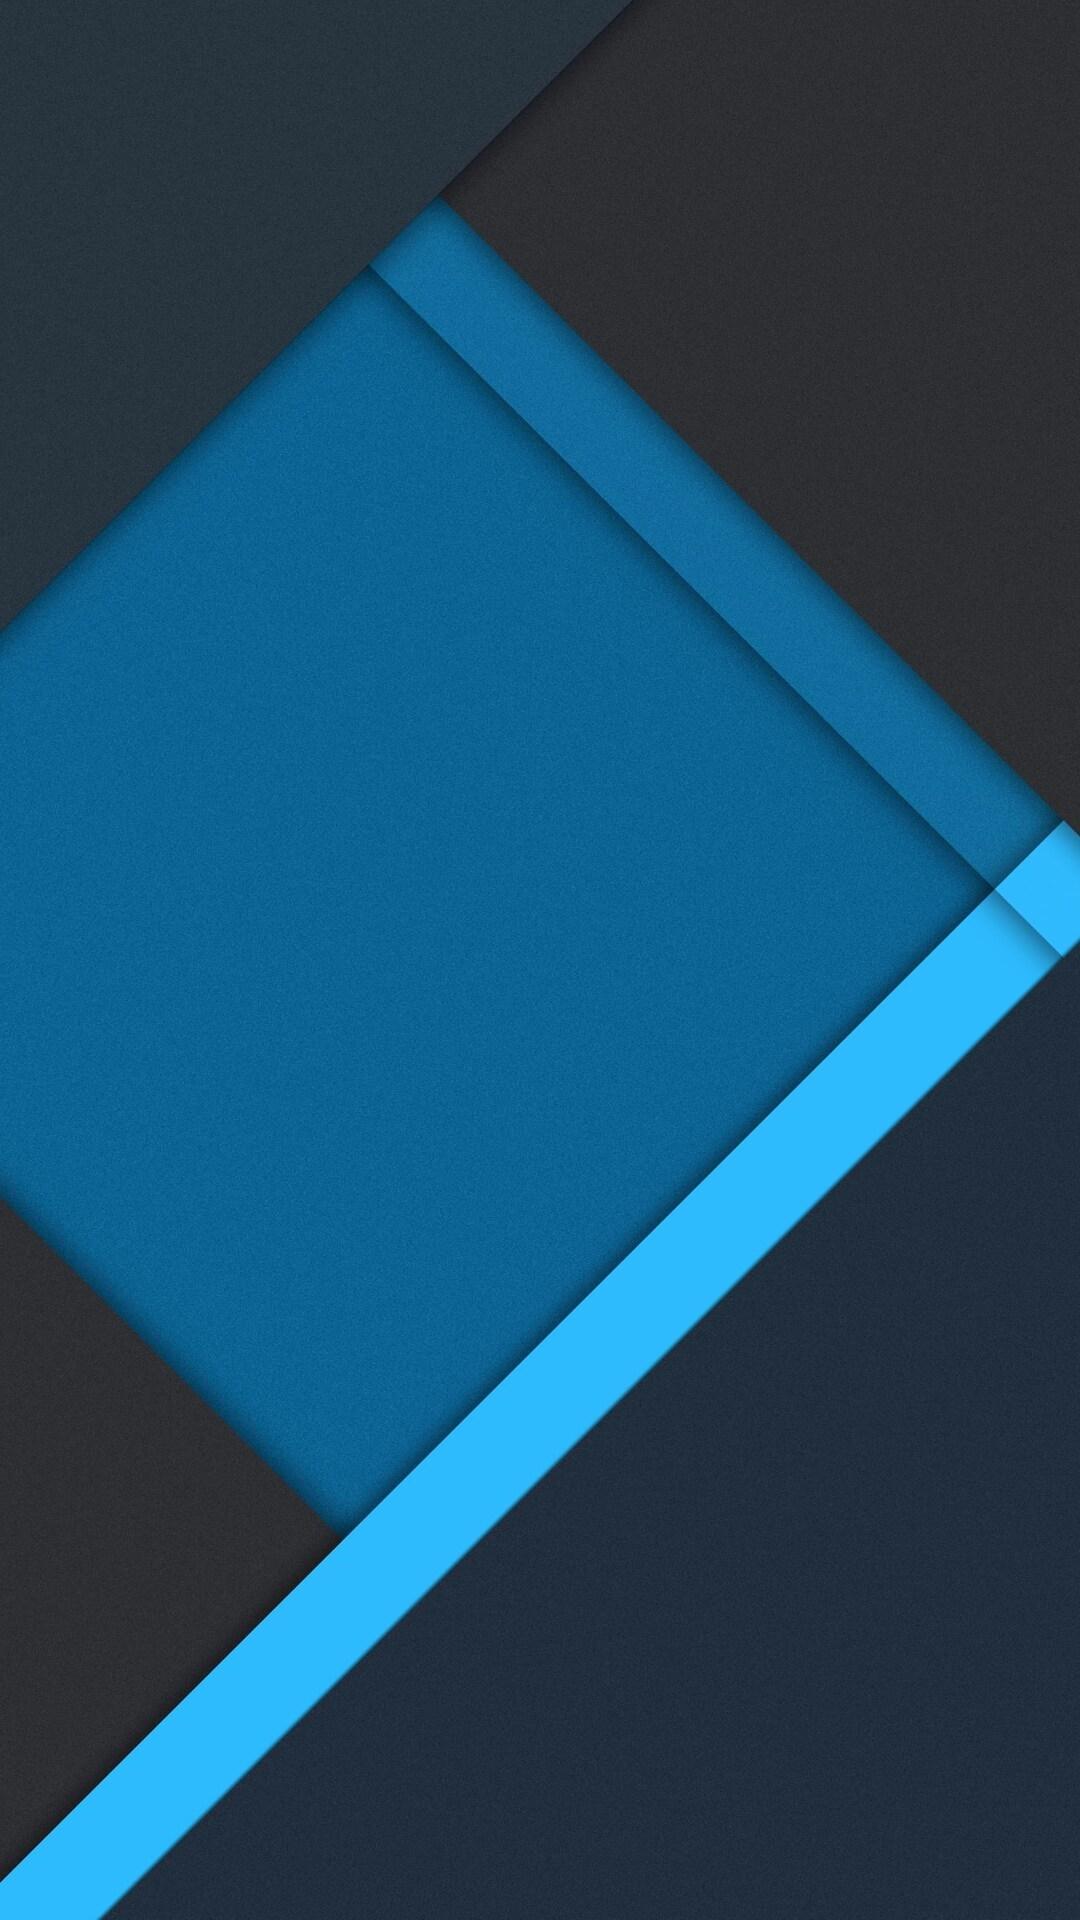 1080x1920 material design iphone 7,6s,6 plus, pixel xl ,one plus 3